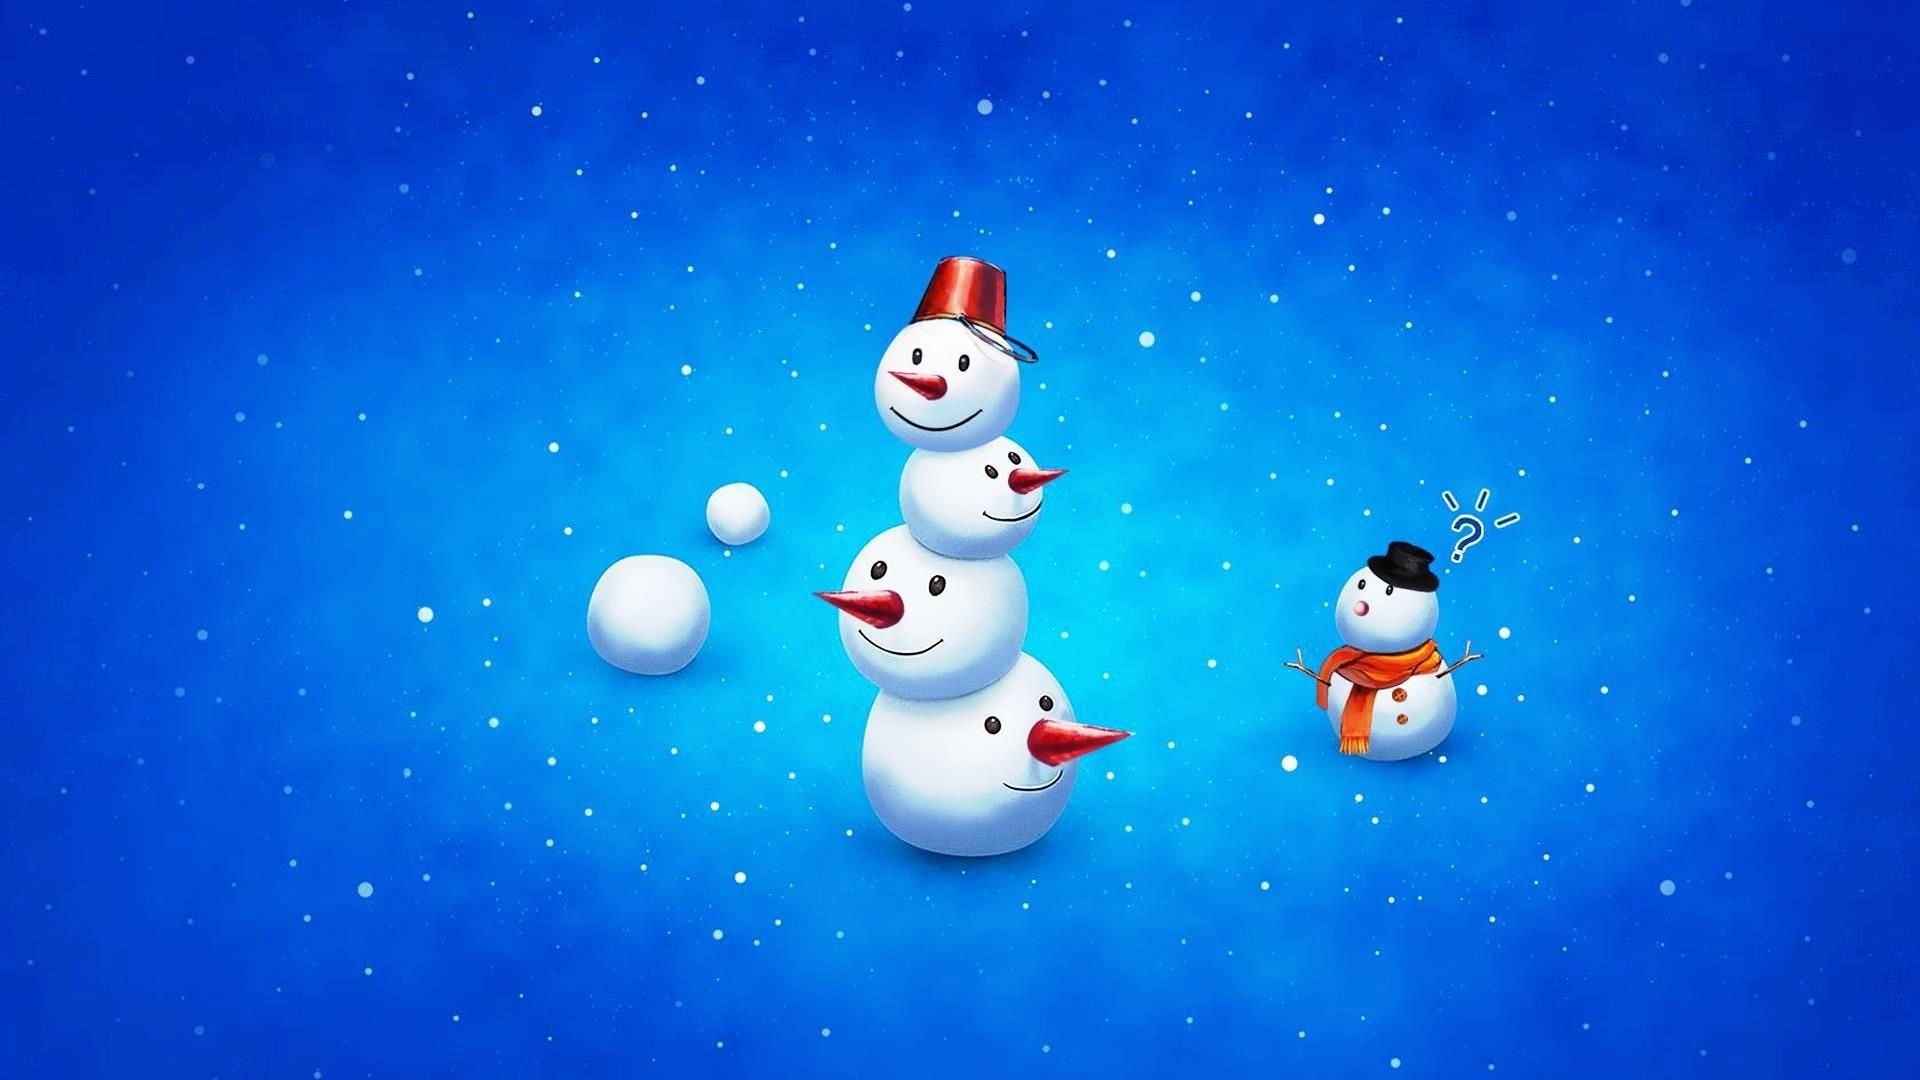 Snowman Wallpaper theme